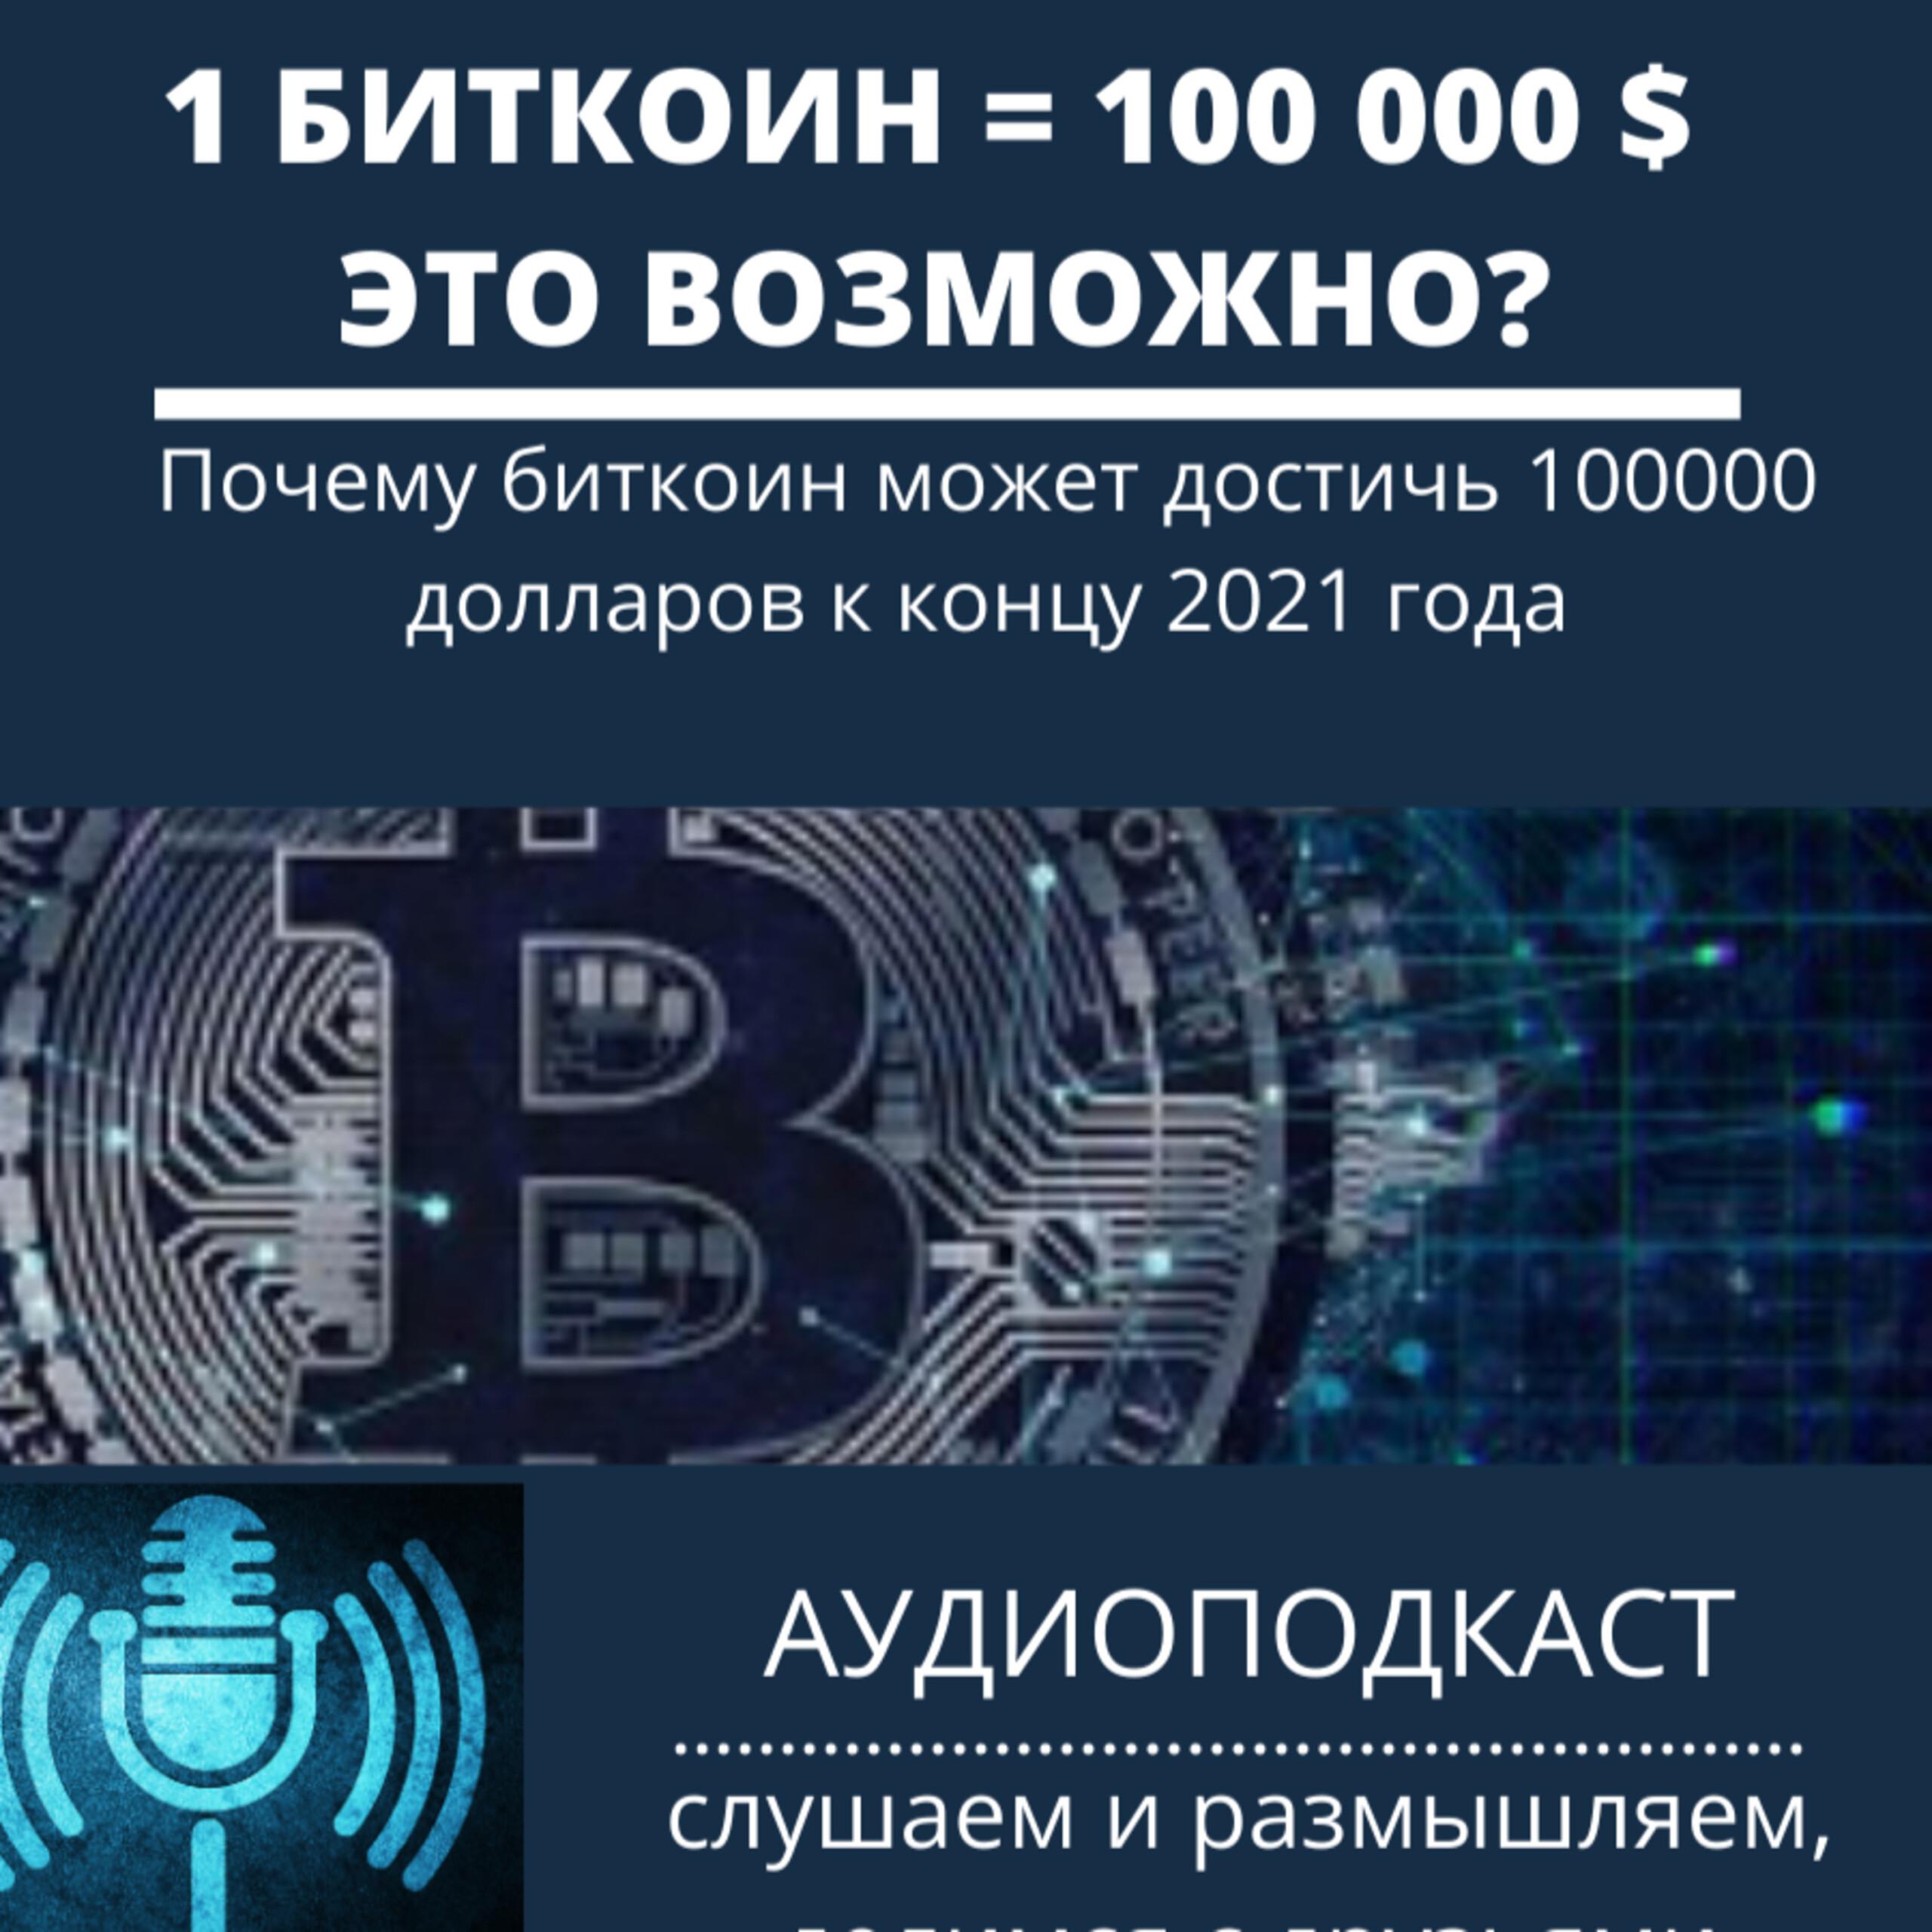 Почему курс биткоин может достичь 100000 долларов к концу 2021 года